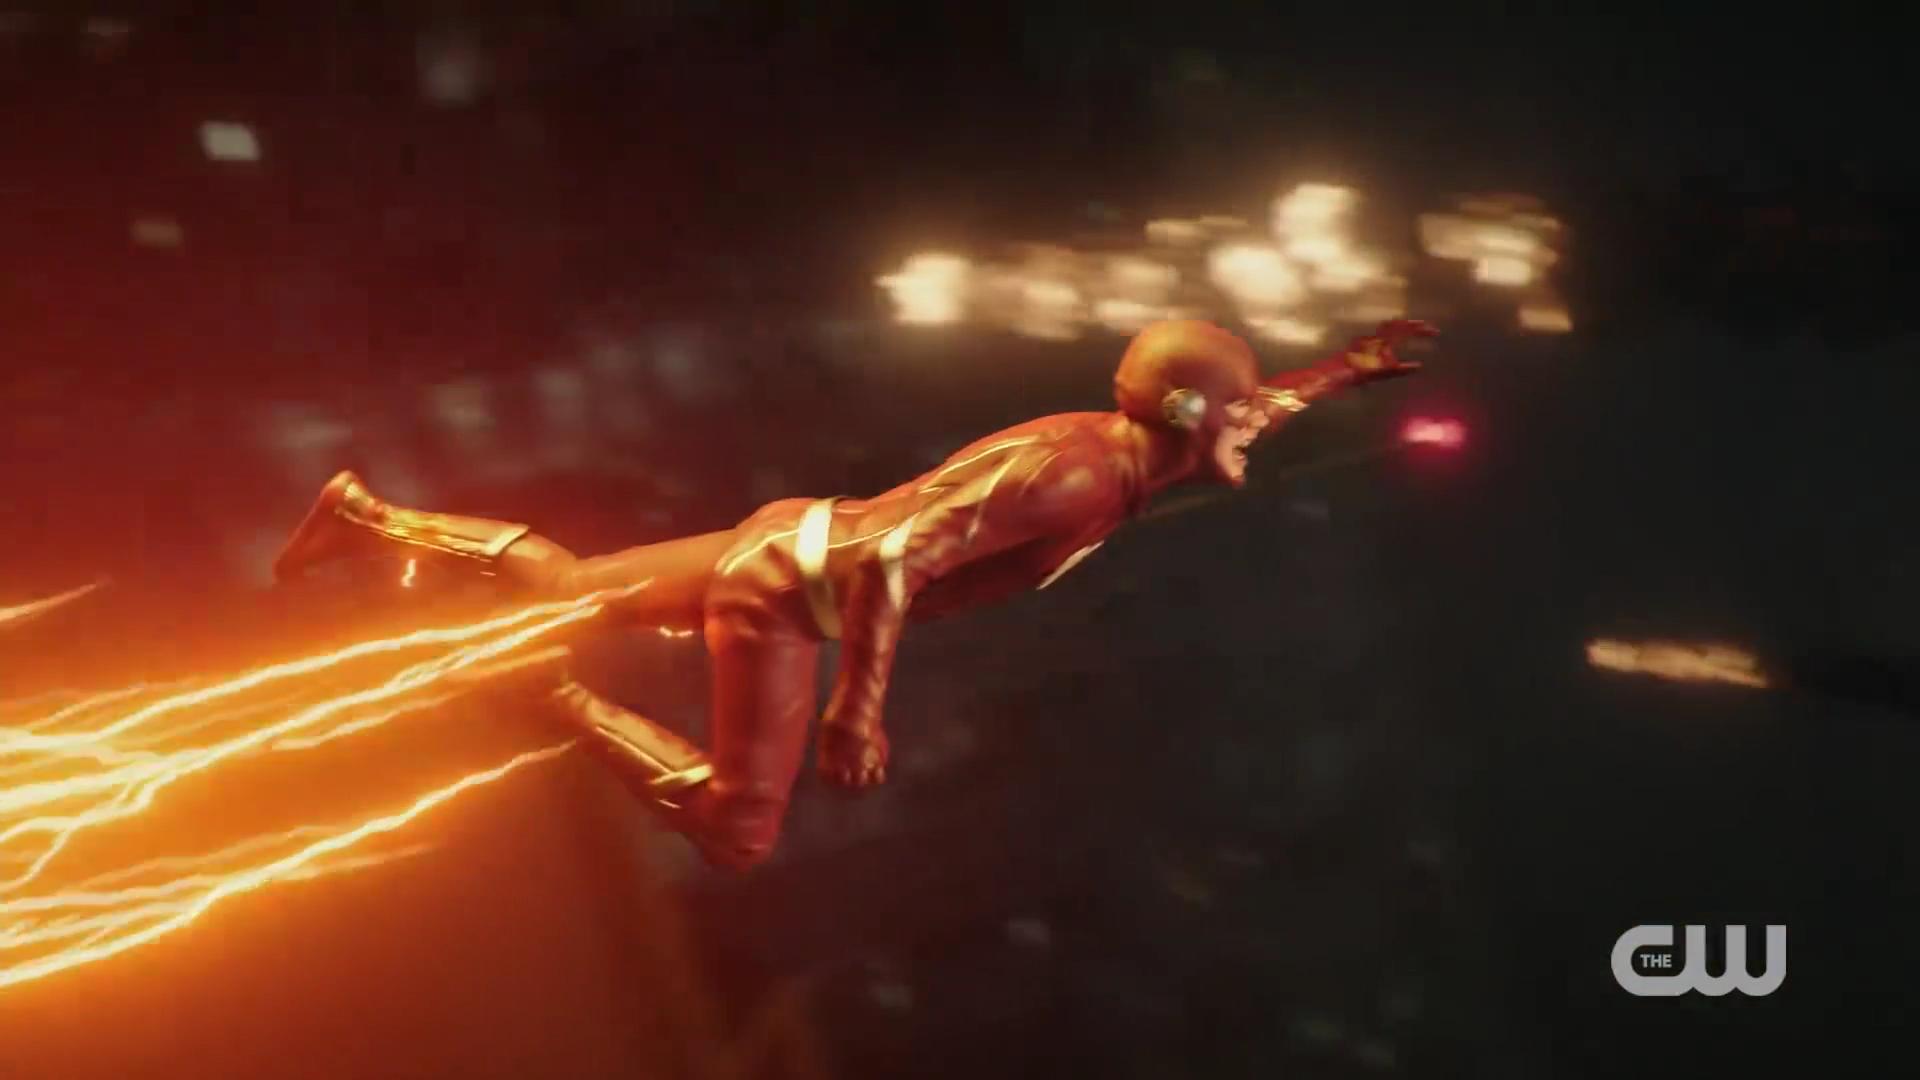 The Flash download completo di film in italiano